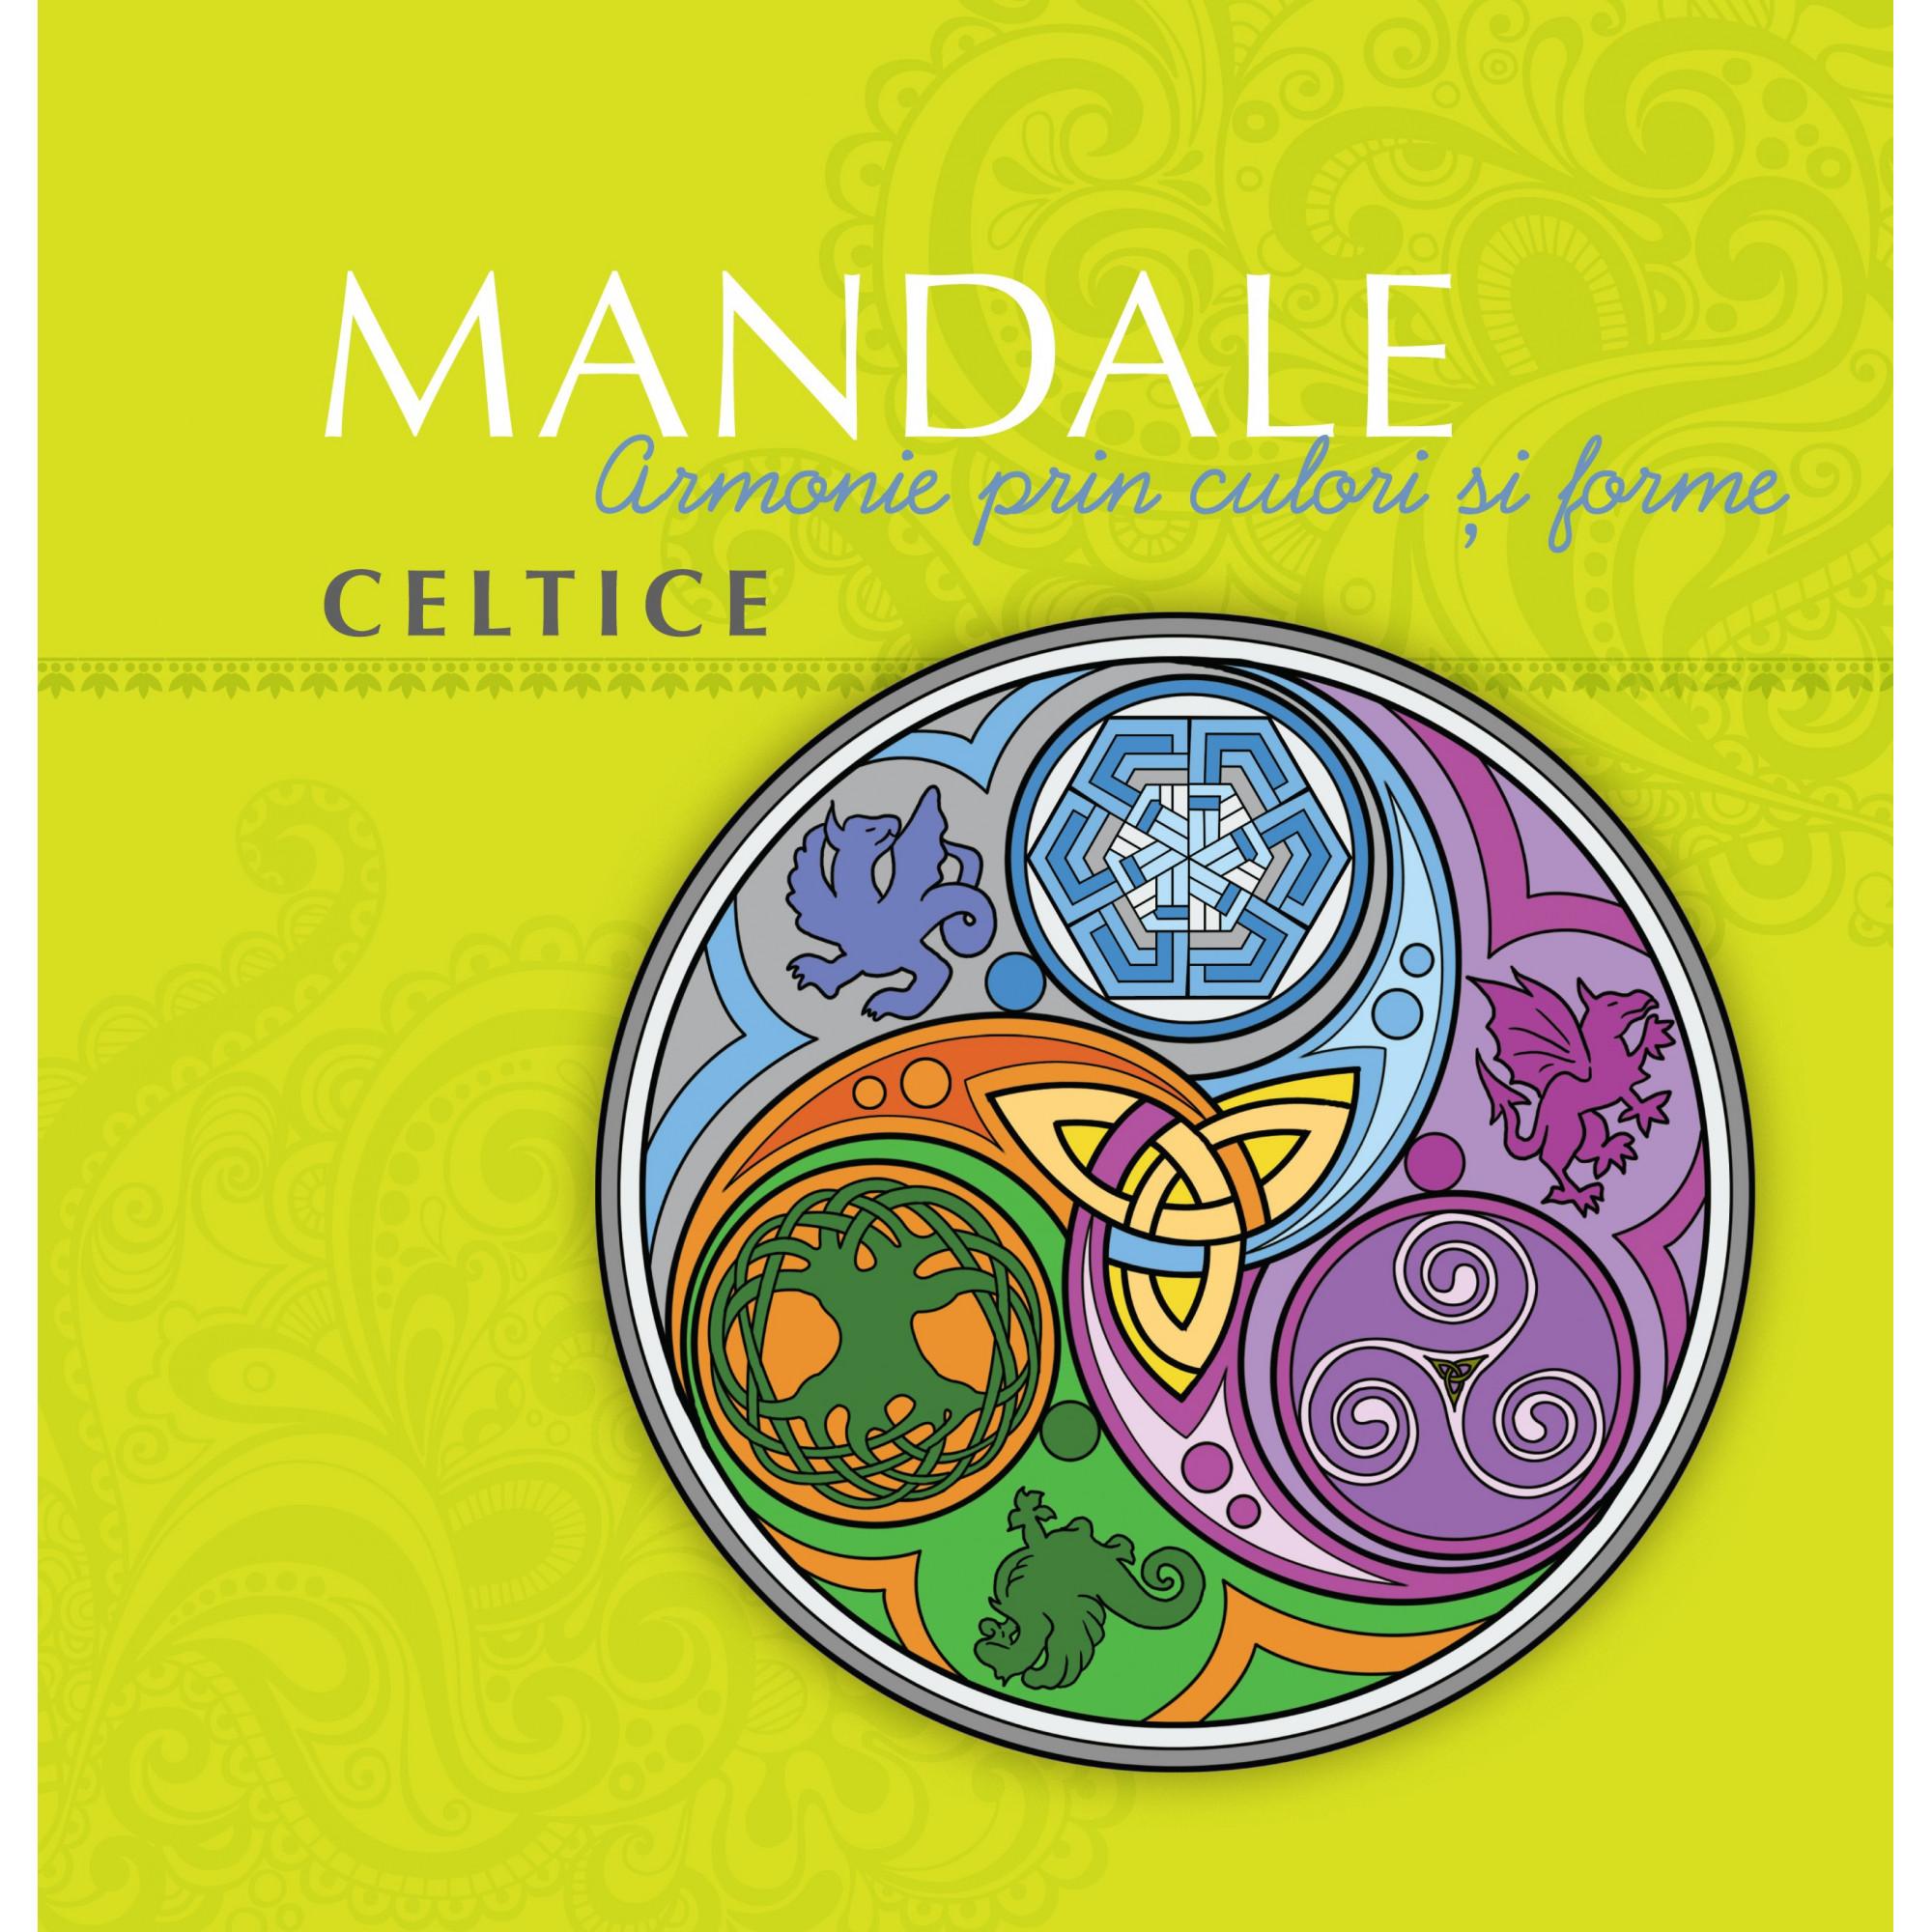 Mandale celtice. Armonie prin culori şi forme